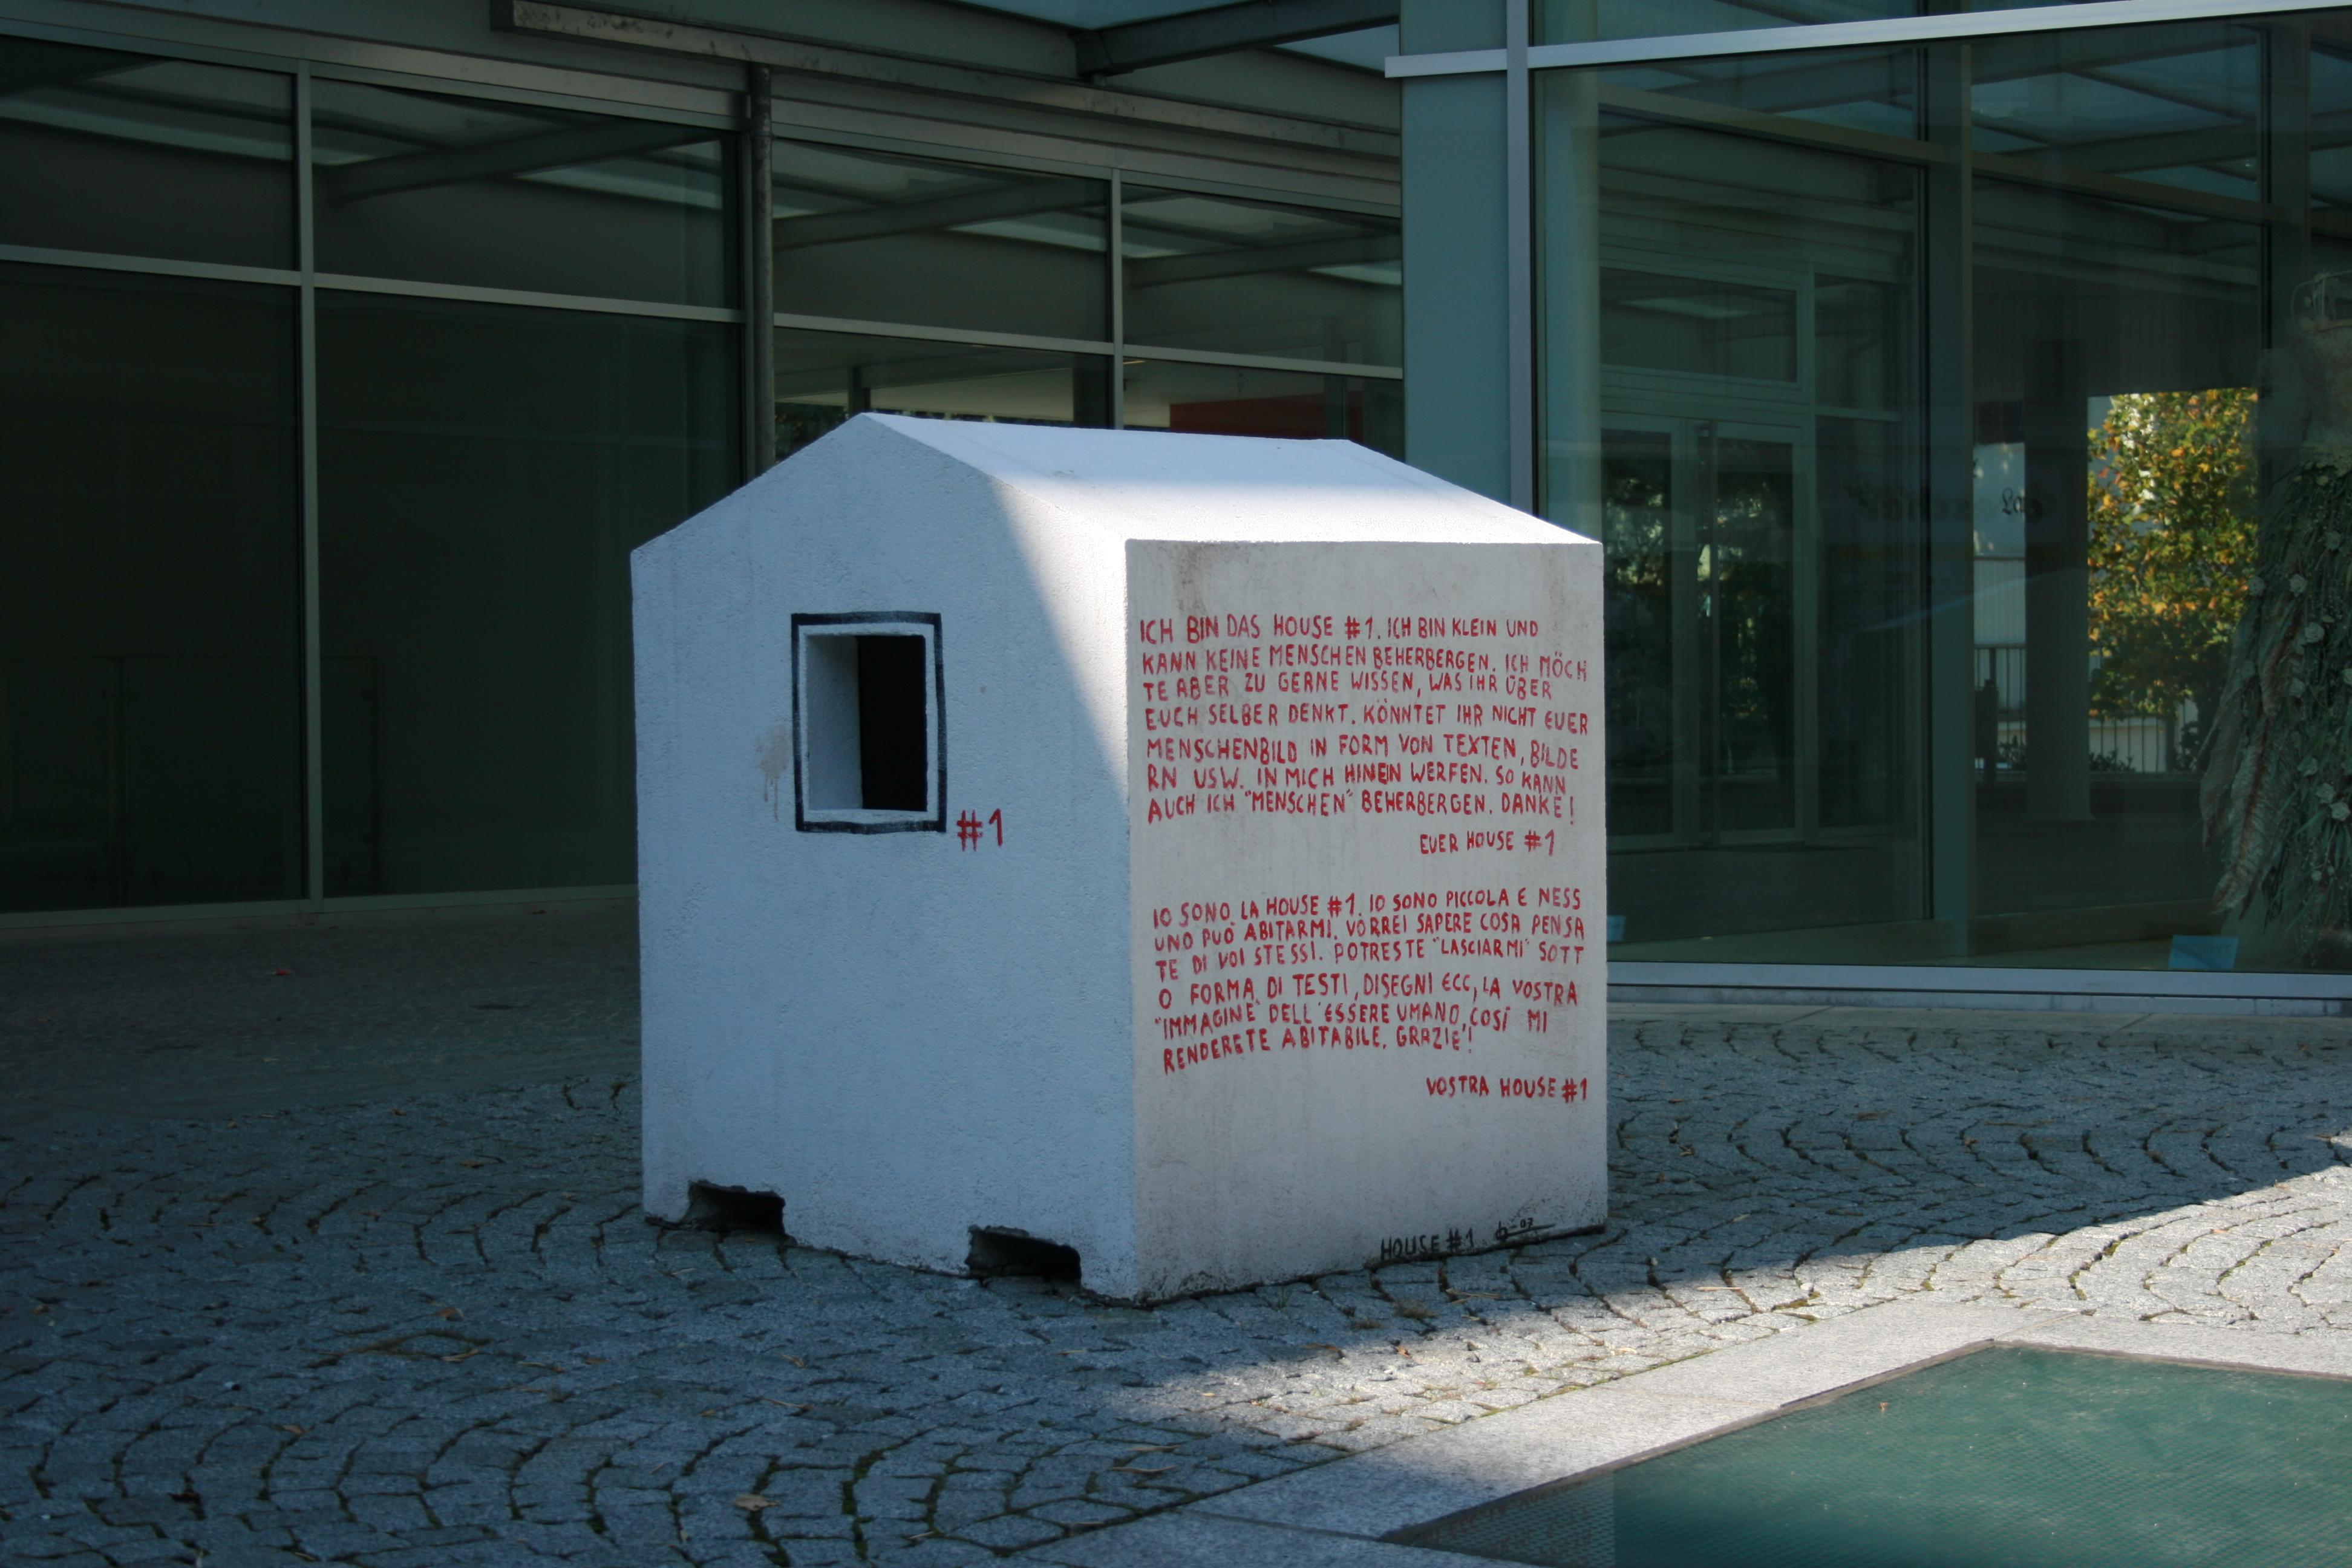 Hannes Egger, House #1, 2007